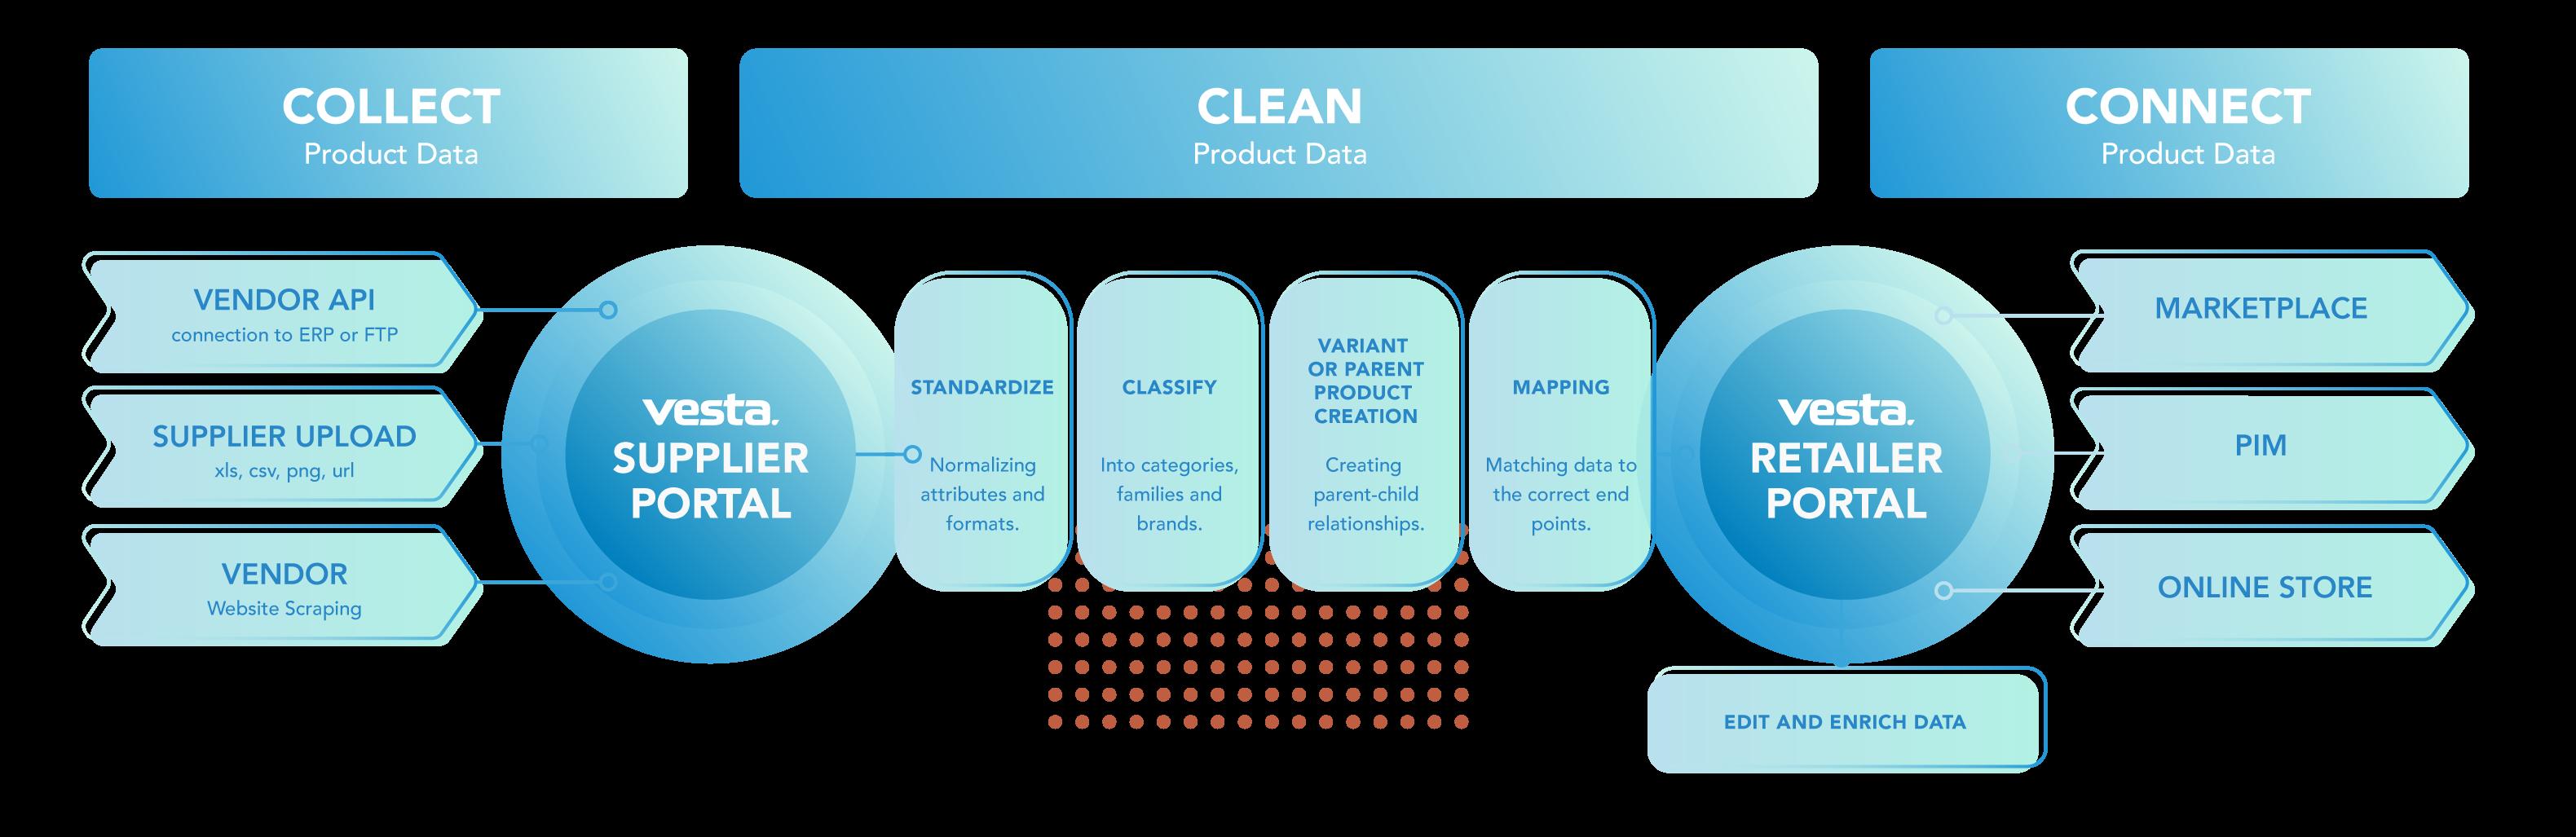 Vesta eCommerce process diagram